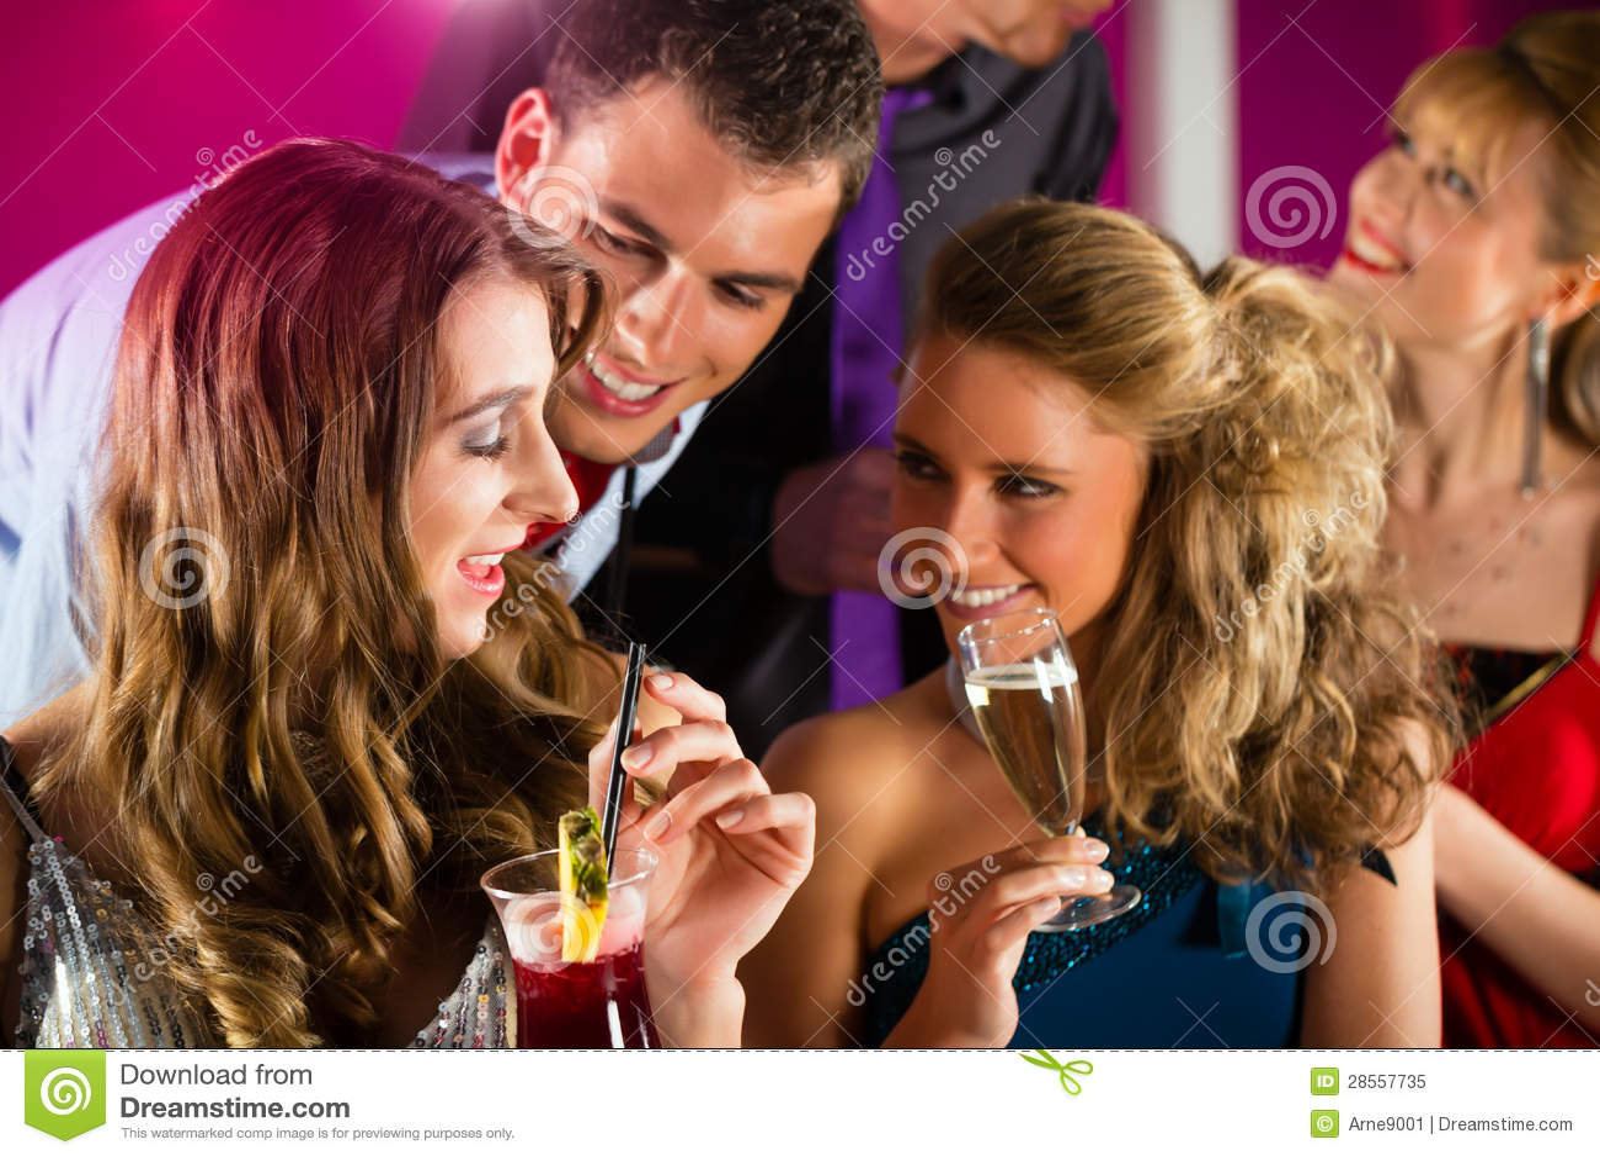 Парень с двумя девушками в клубе фото